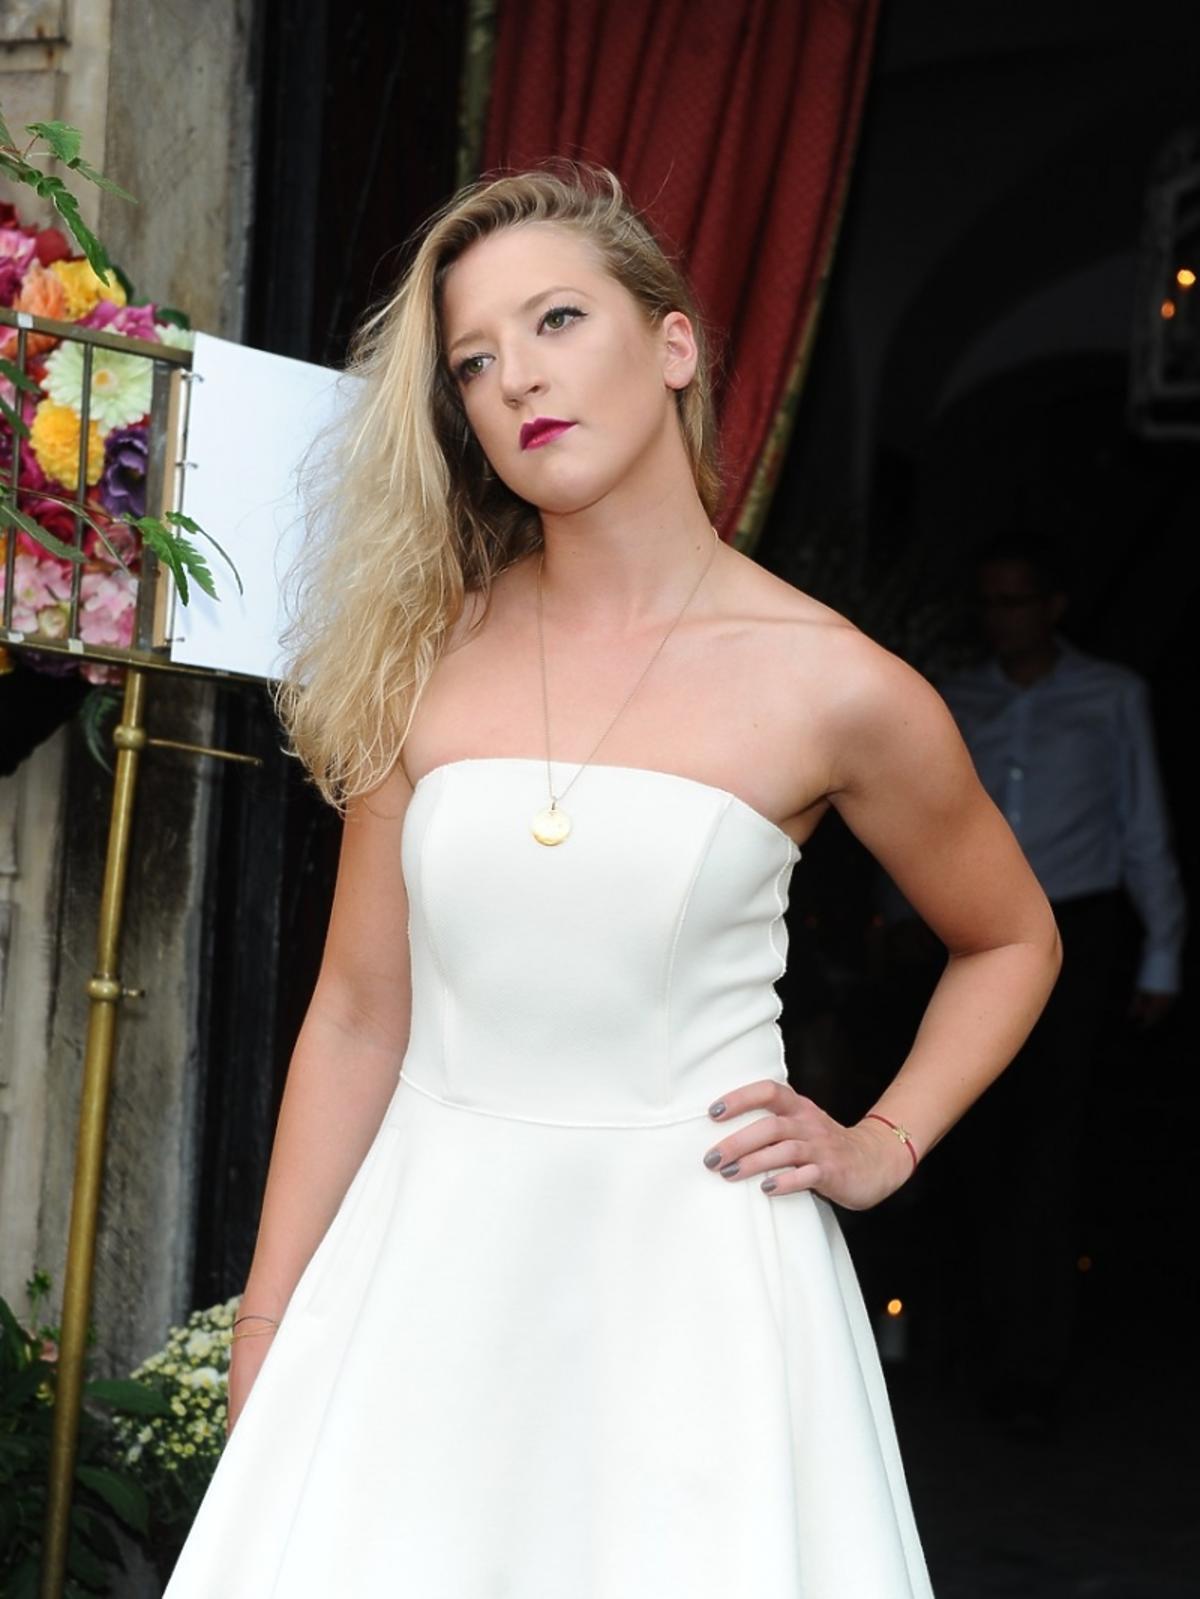 Lara Gessler plan amerykański w białej sukience stoi, ma rozpuszczone włosy